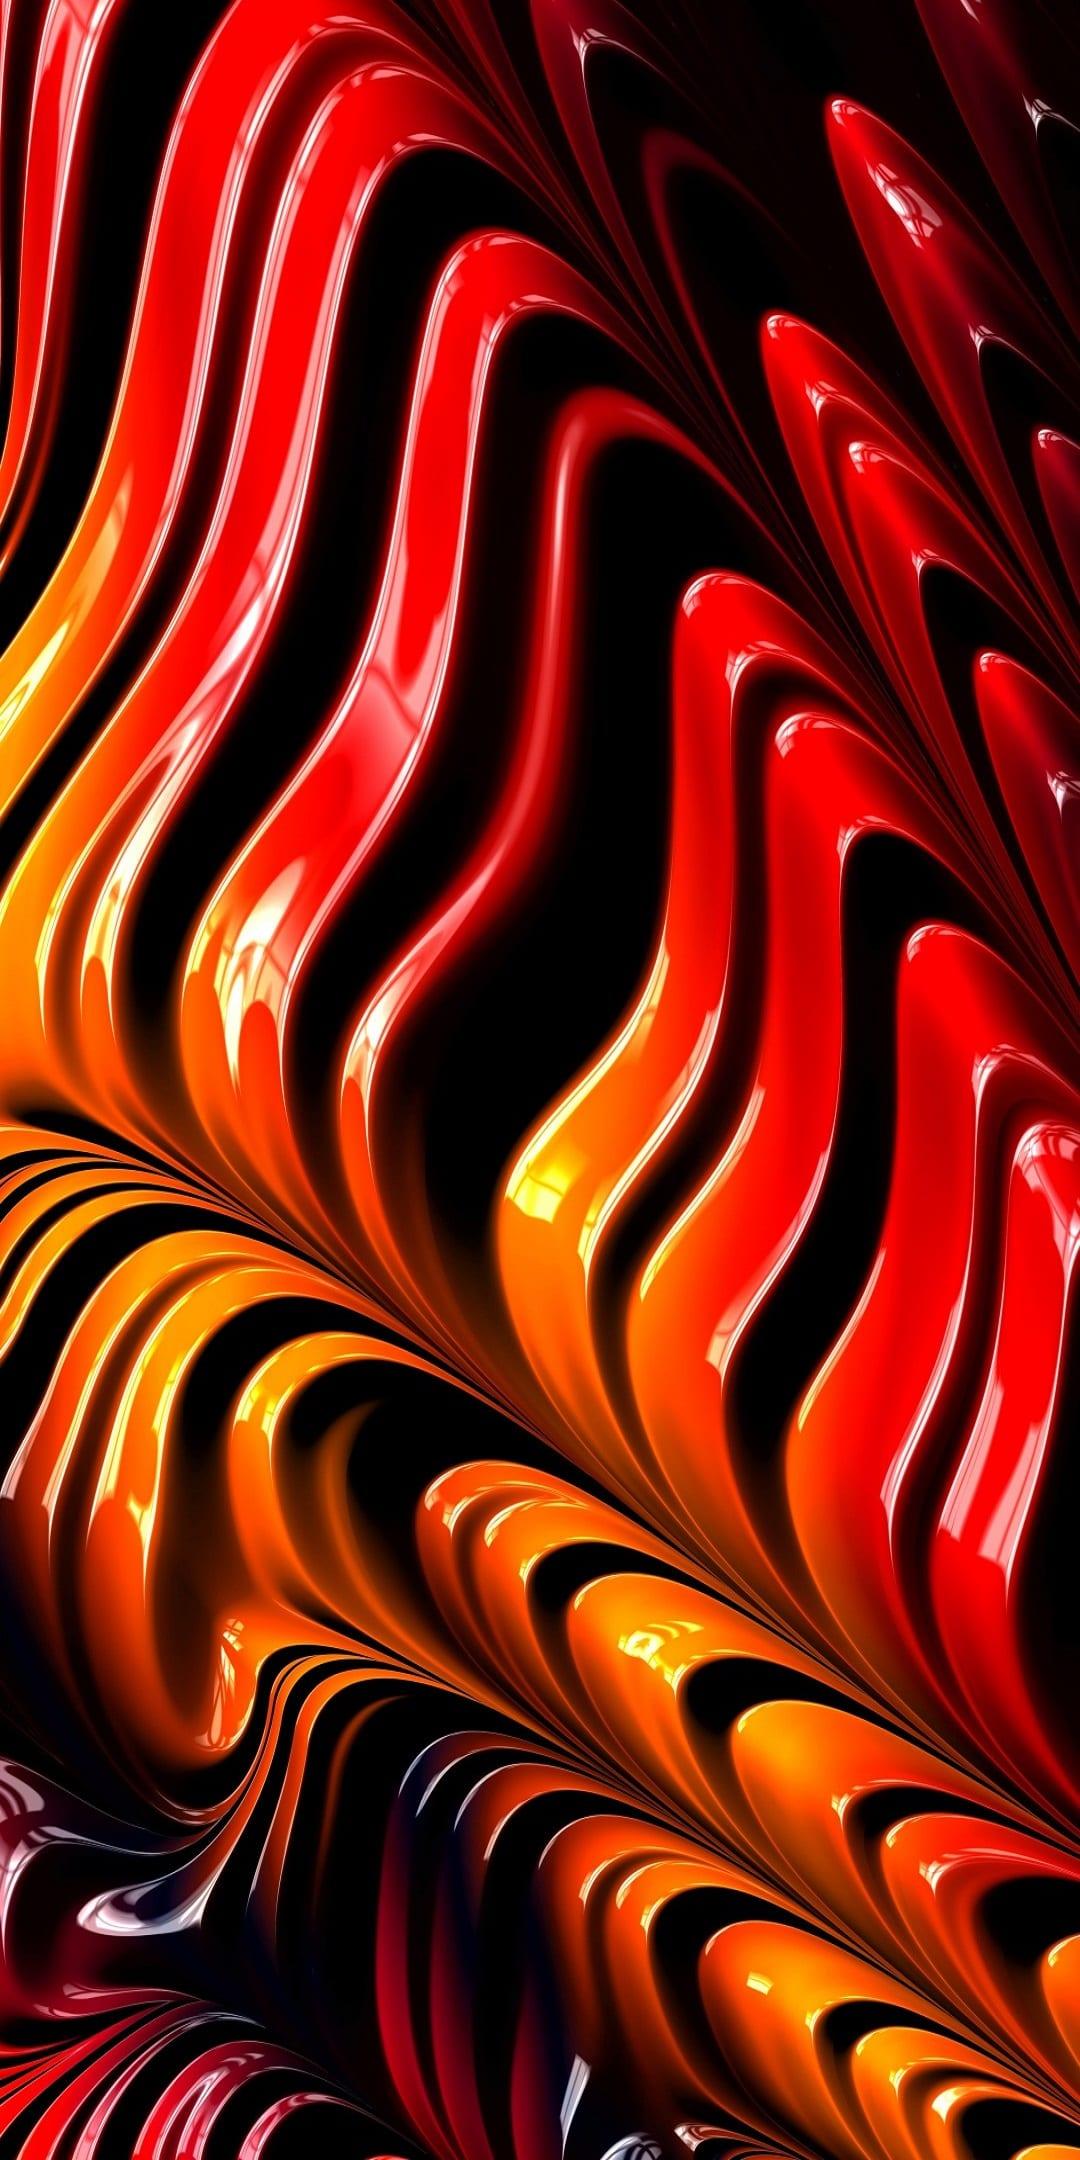 Fondo de pantalla abstracto para celular